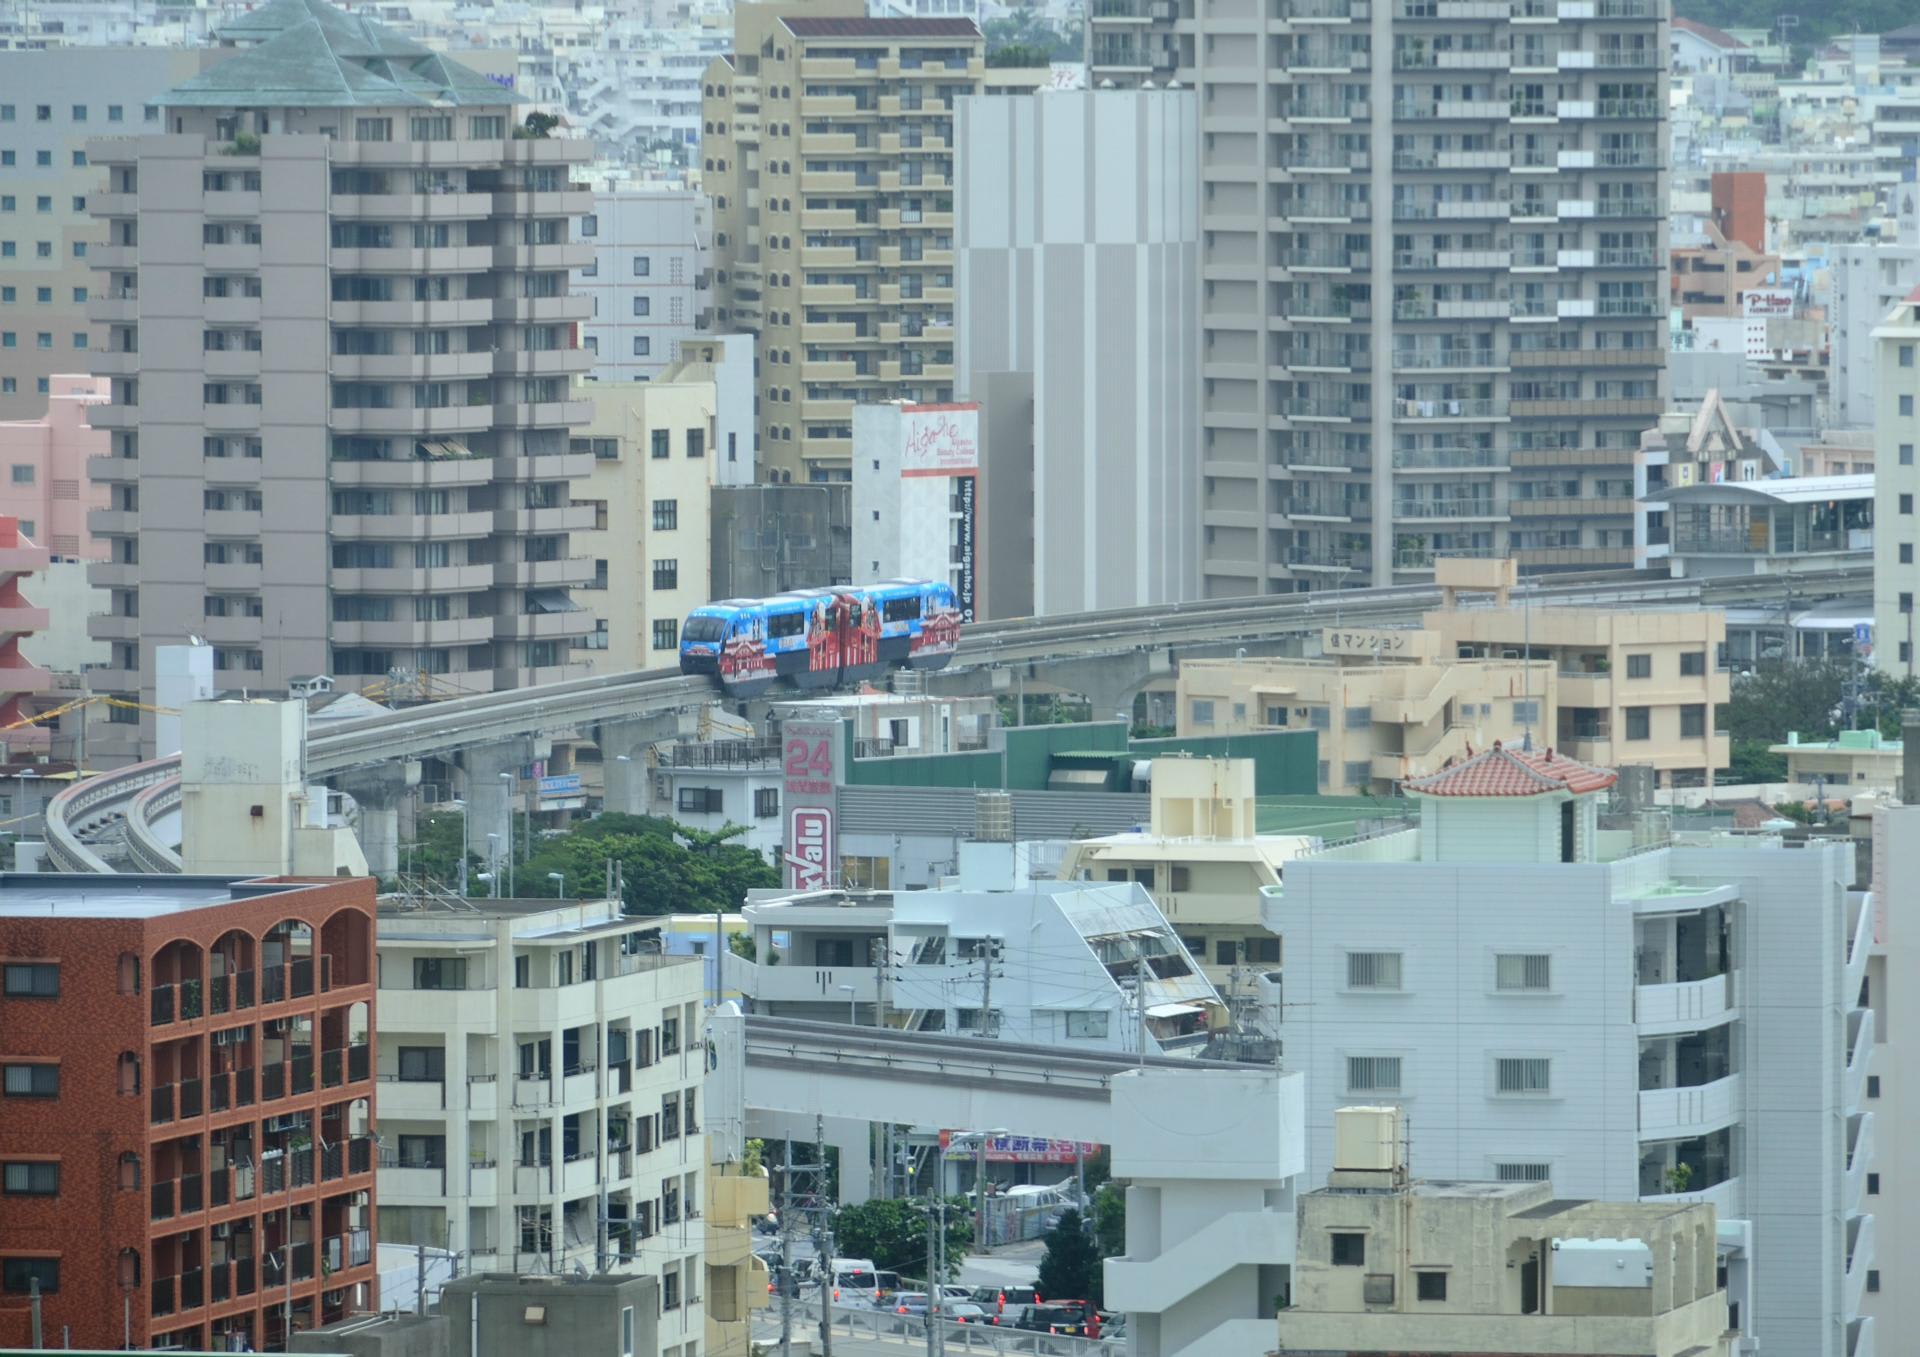 中核市で一番栄えているのは?8 [無断転載禁止]©2ch.netYouTube動画>56本 dailymotion>2本 ->画像>268枚